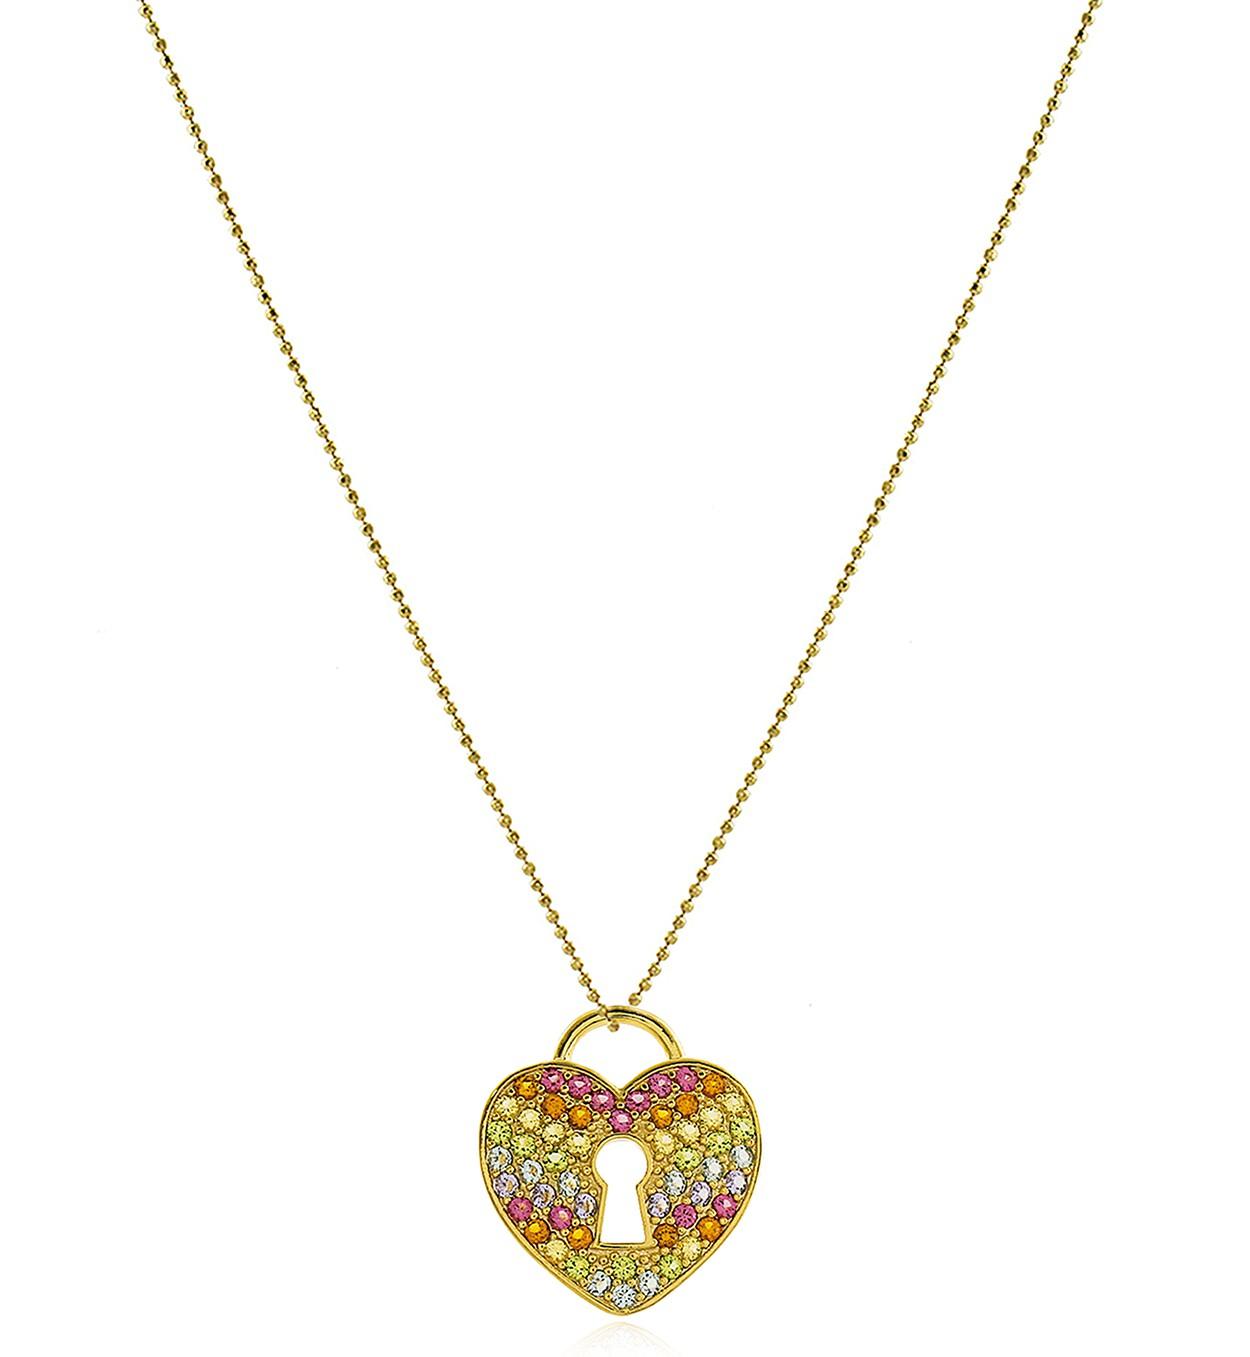 Colar Coração Cadeado Colorido Dourado Duquesa Semi joia